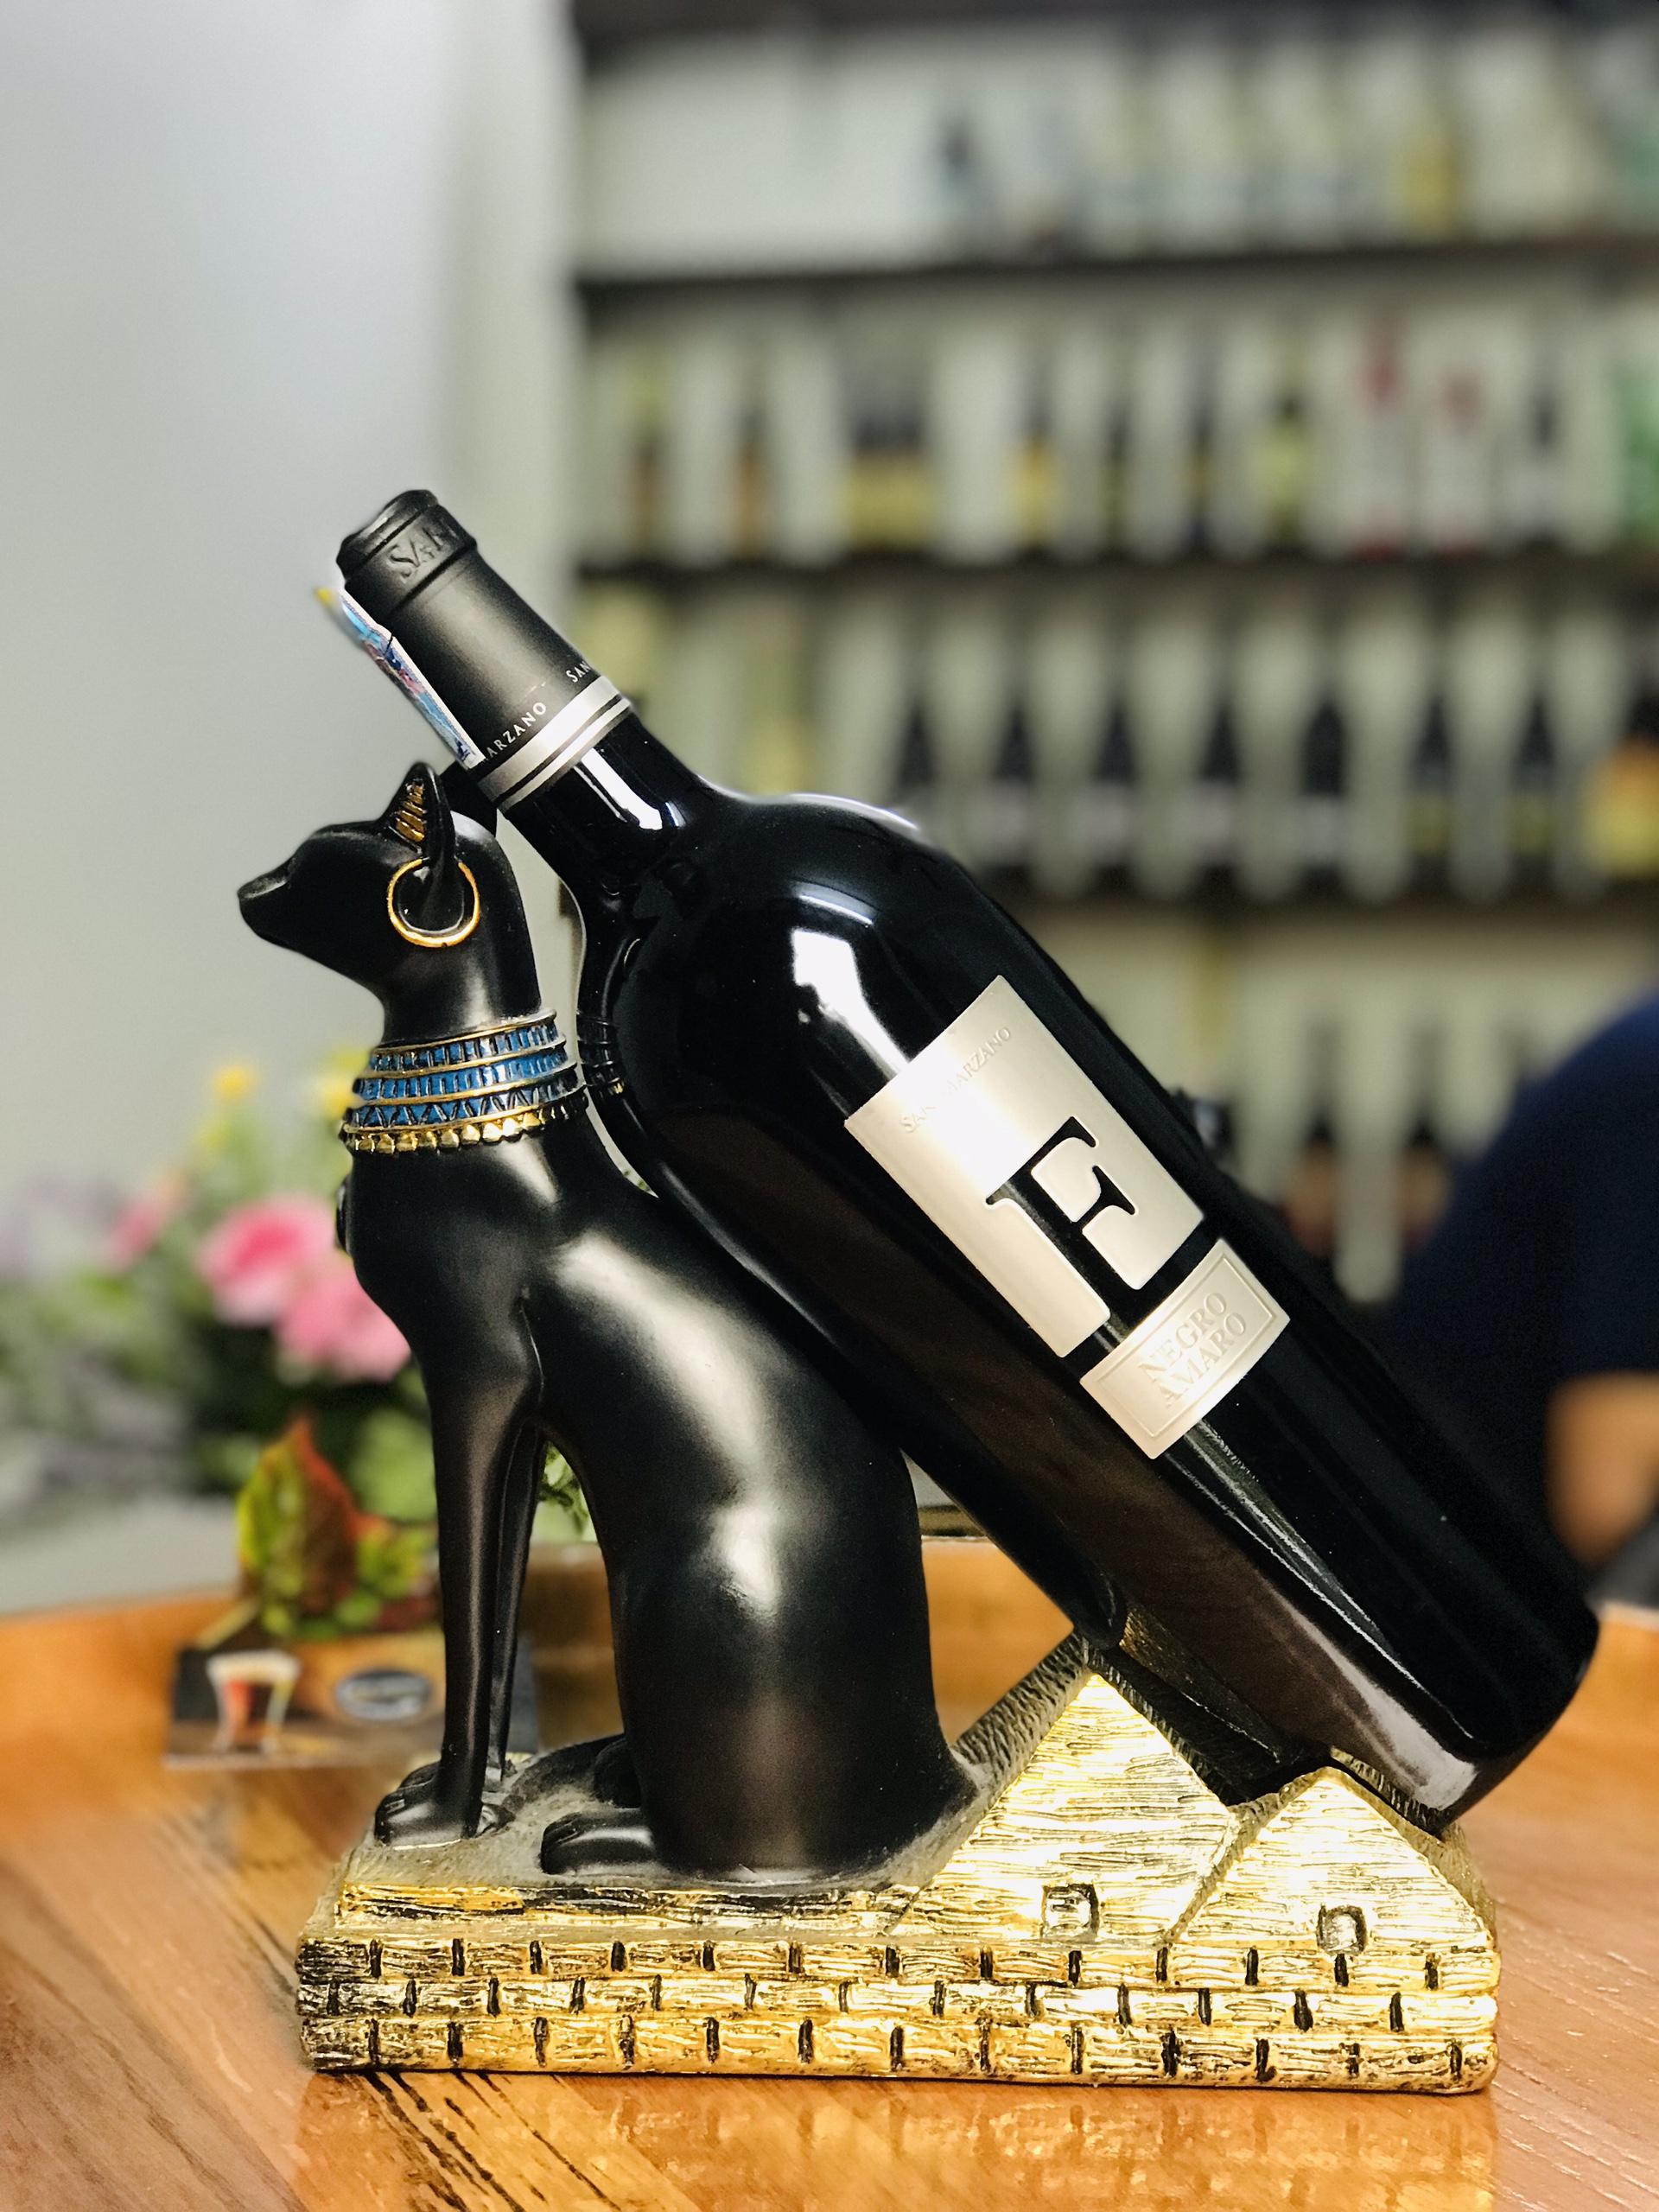 Vang FNegroamaro Salento nằm trong top các chai rượu vang Ý ngon nhất thế giới